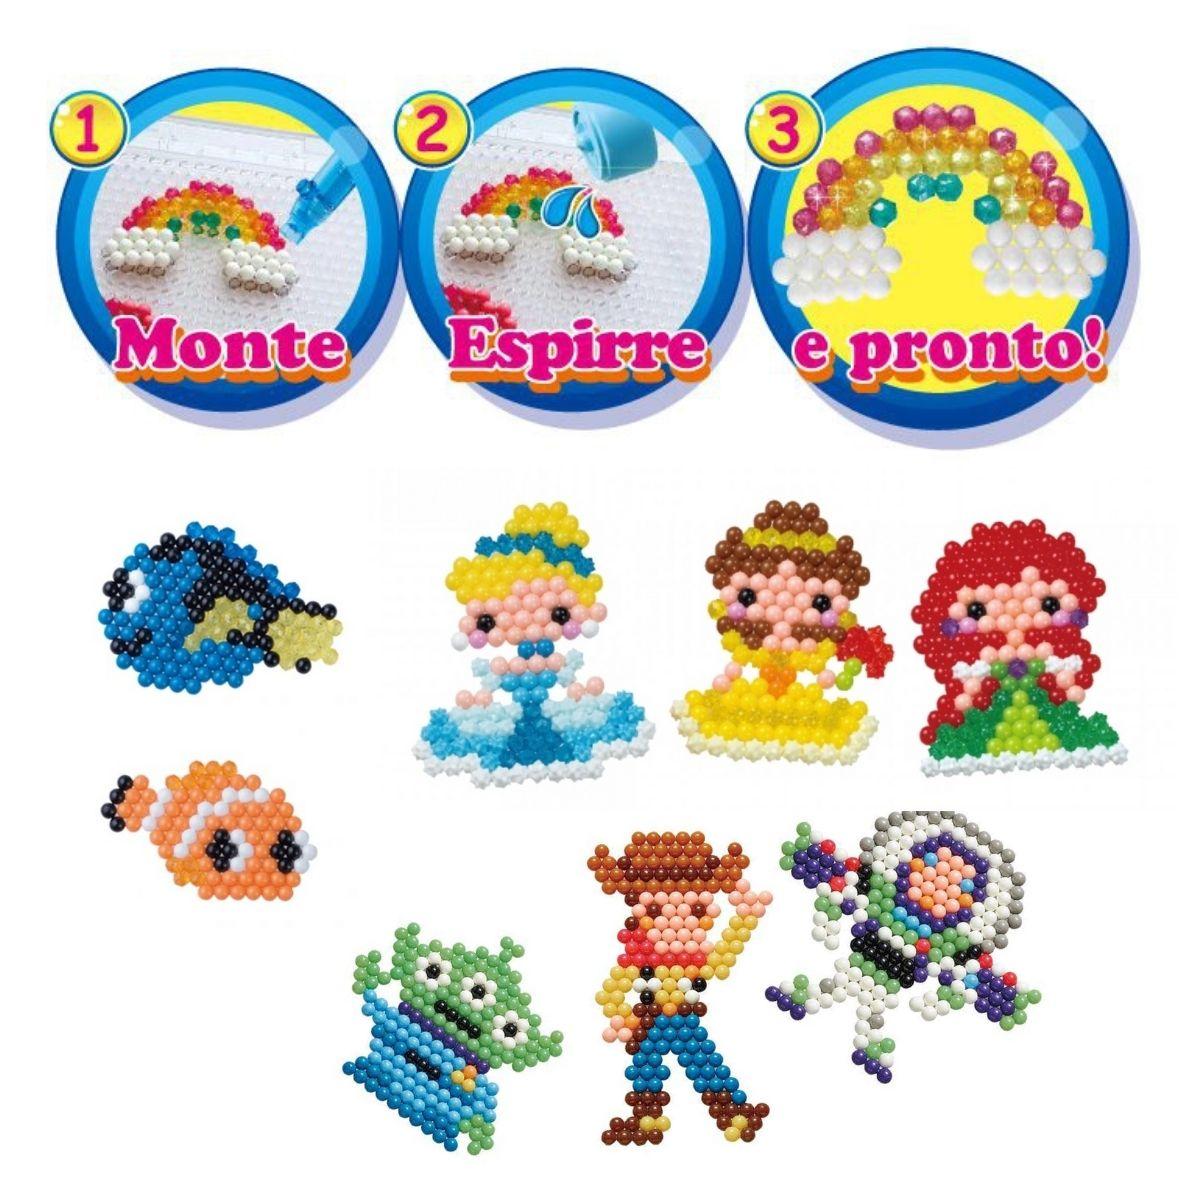 Kit Aquabeads Minhas Criações Favoritas + Refil Beads Brilhantes  - Game Land Brinquedos